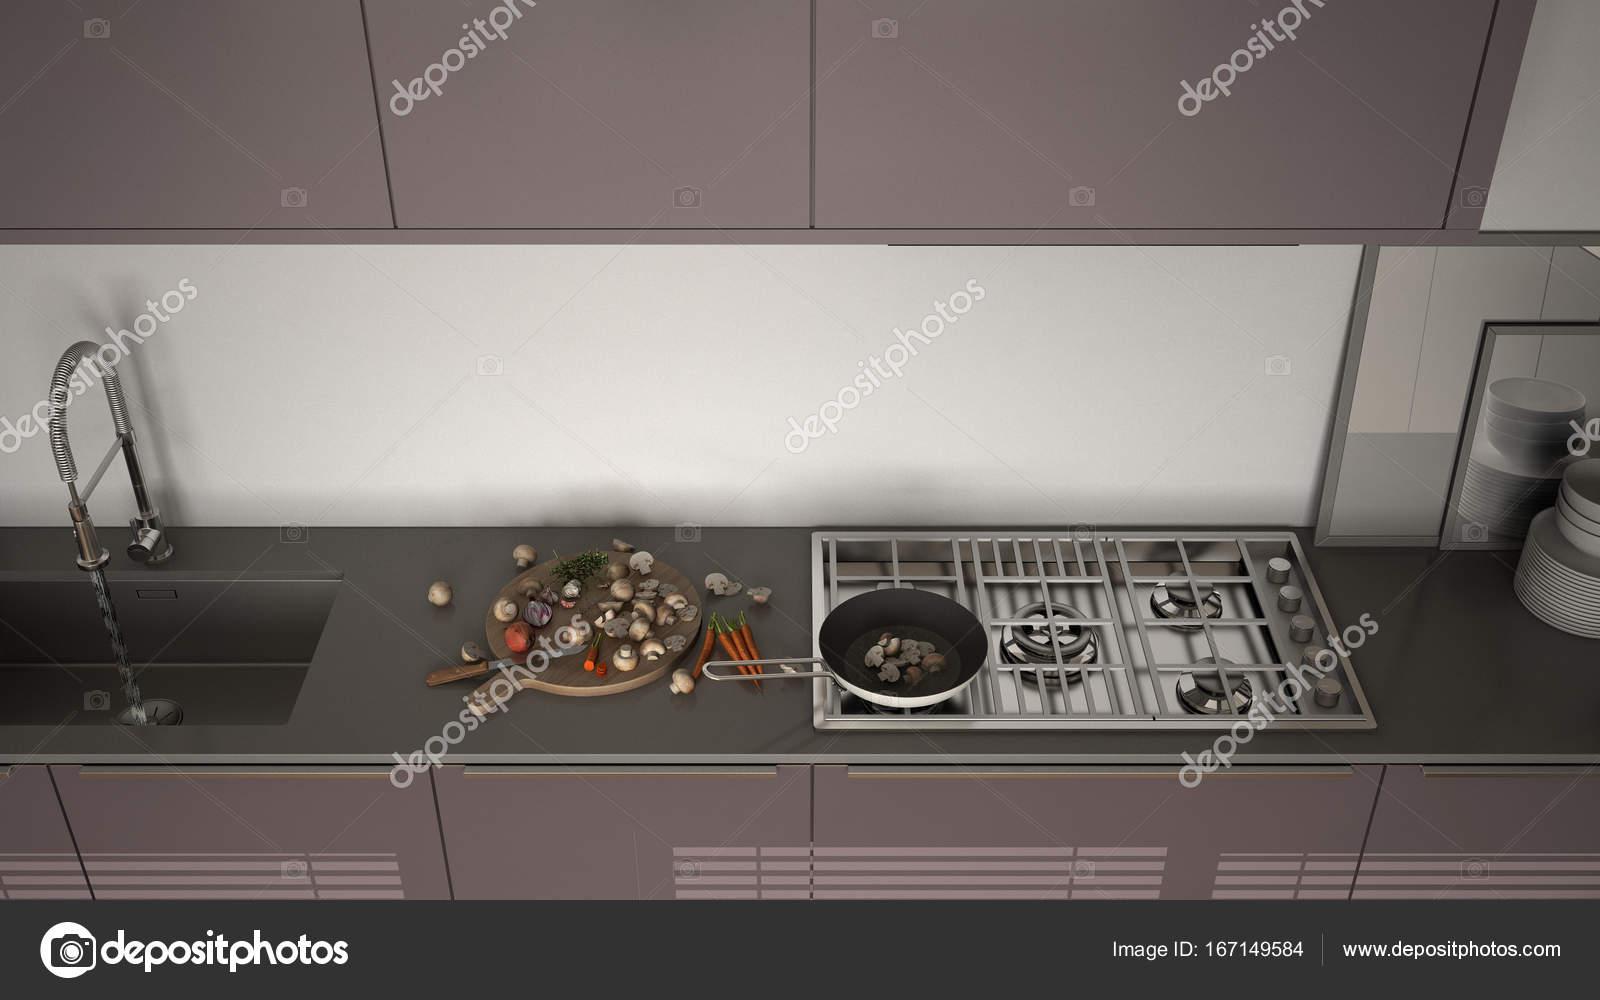 Moderner Kuche Mit Spule Und Herd Kochen Pfanne Und Essen In Der